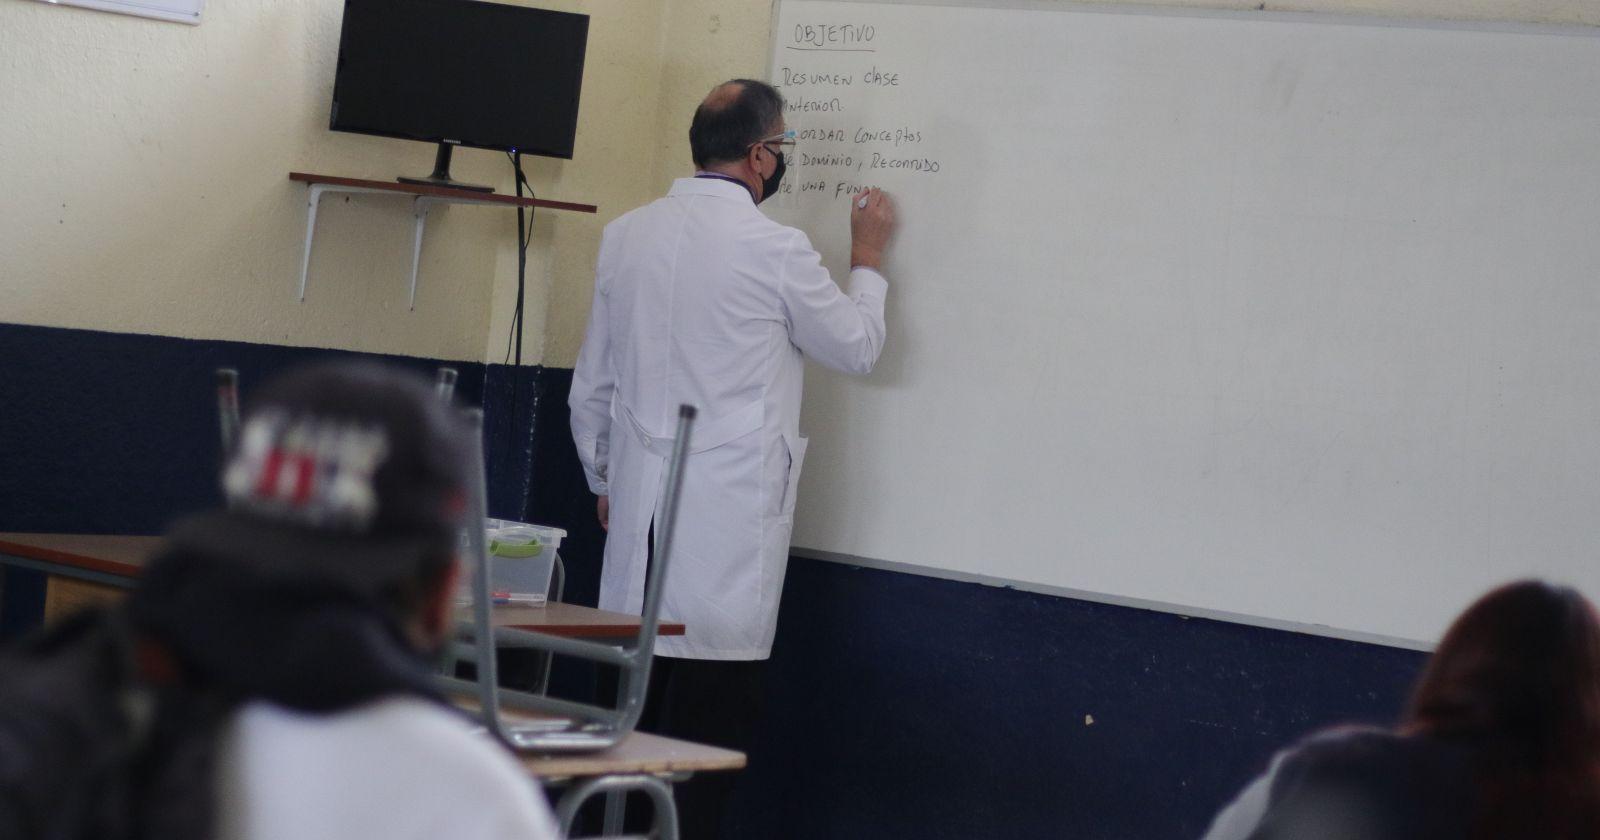 Minsal buscará incluir a los profesores entre los primeros destinatarios de la vacuna contra el COVID-19